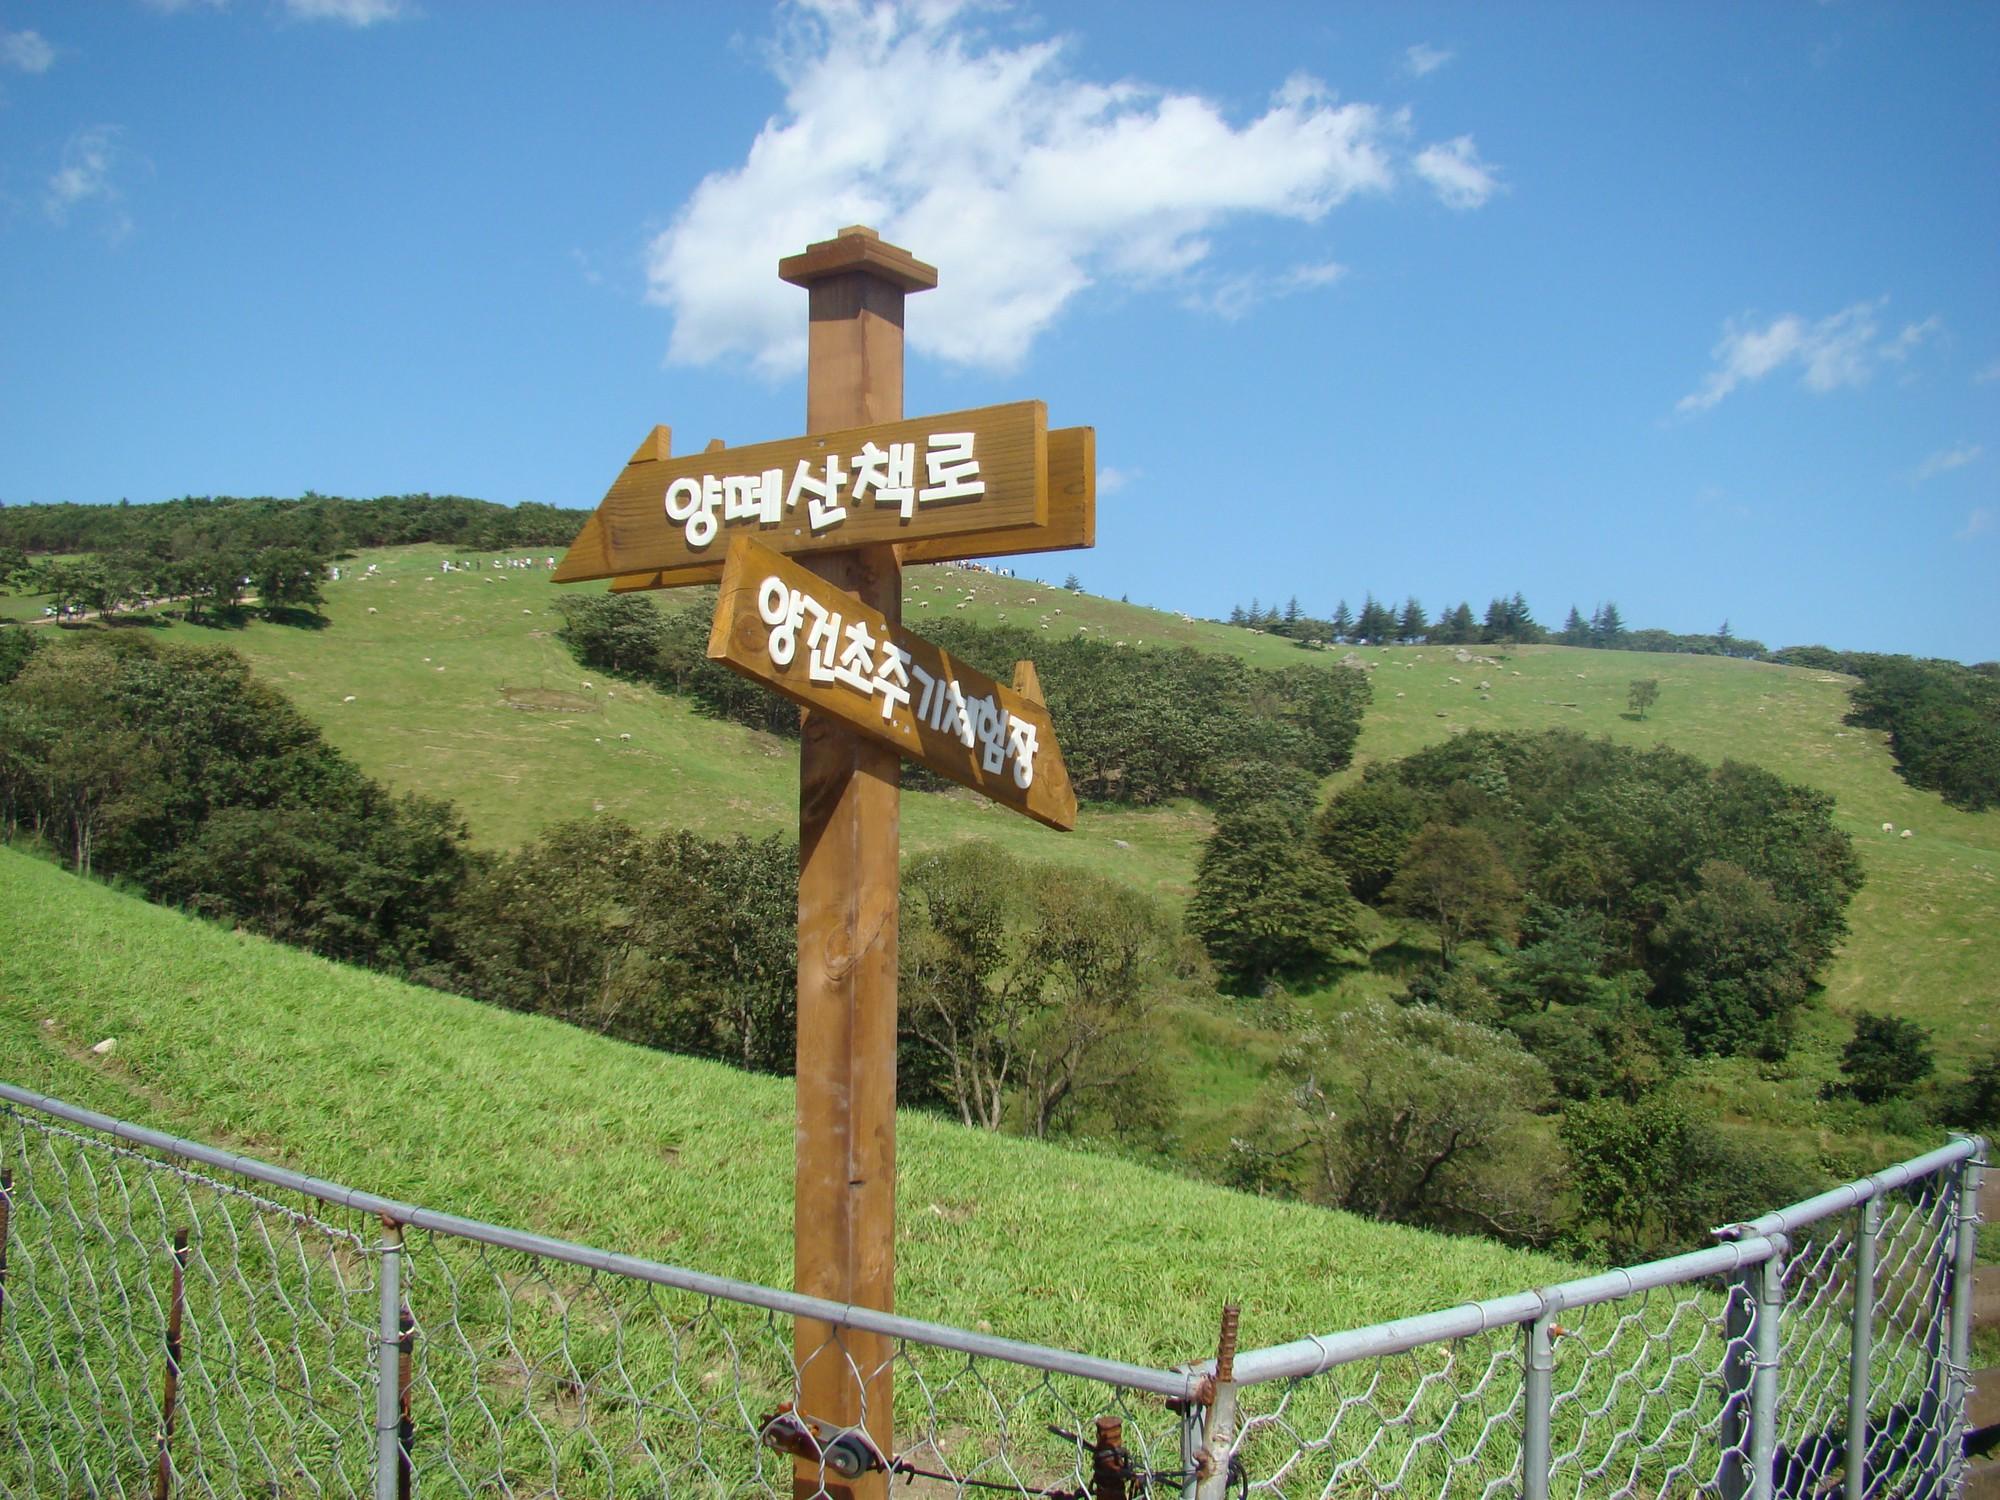 Đến Hàn Quốc, nhớ ghé trại cừu đẹp như phim mà Xuân Trường đã hẹn hò cùng bạn gái tin đồn - Ảnh 8.